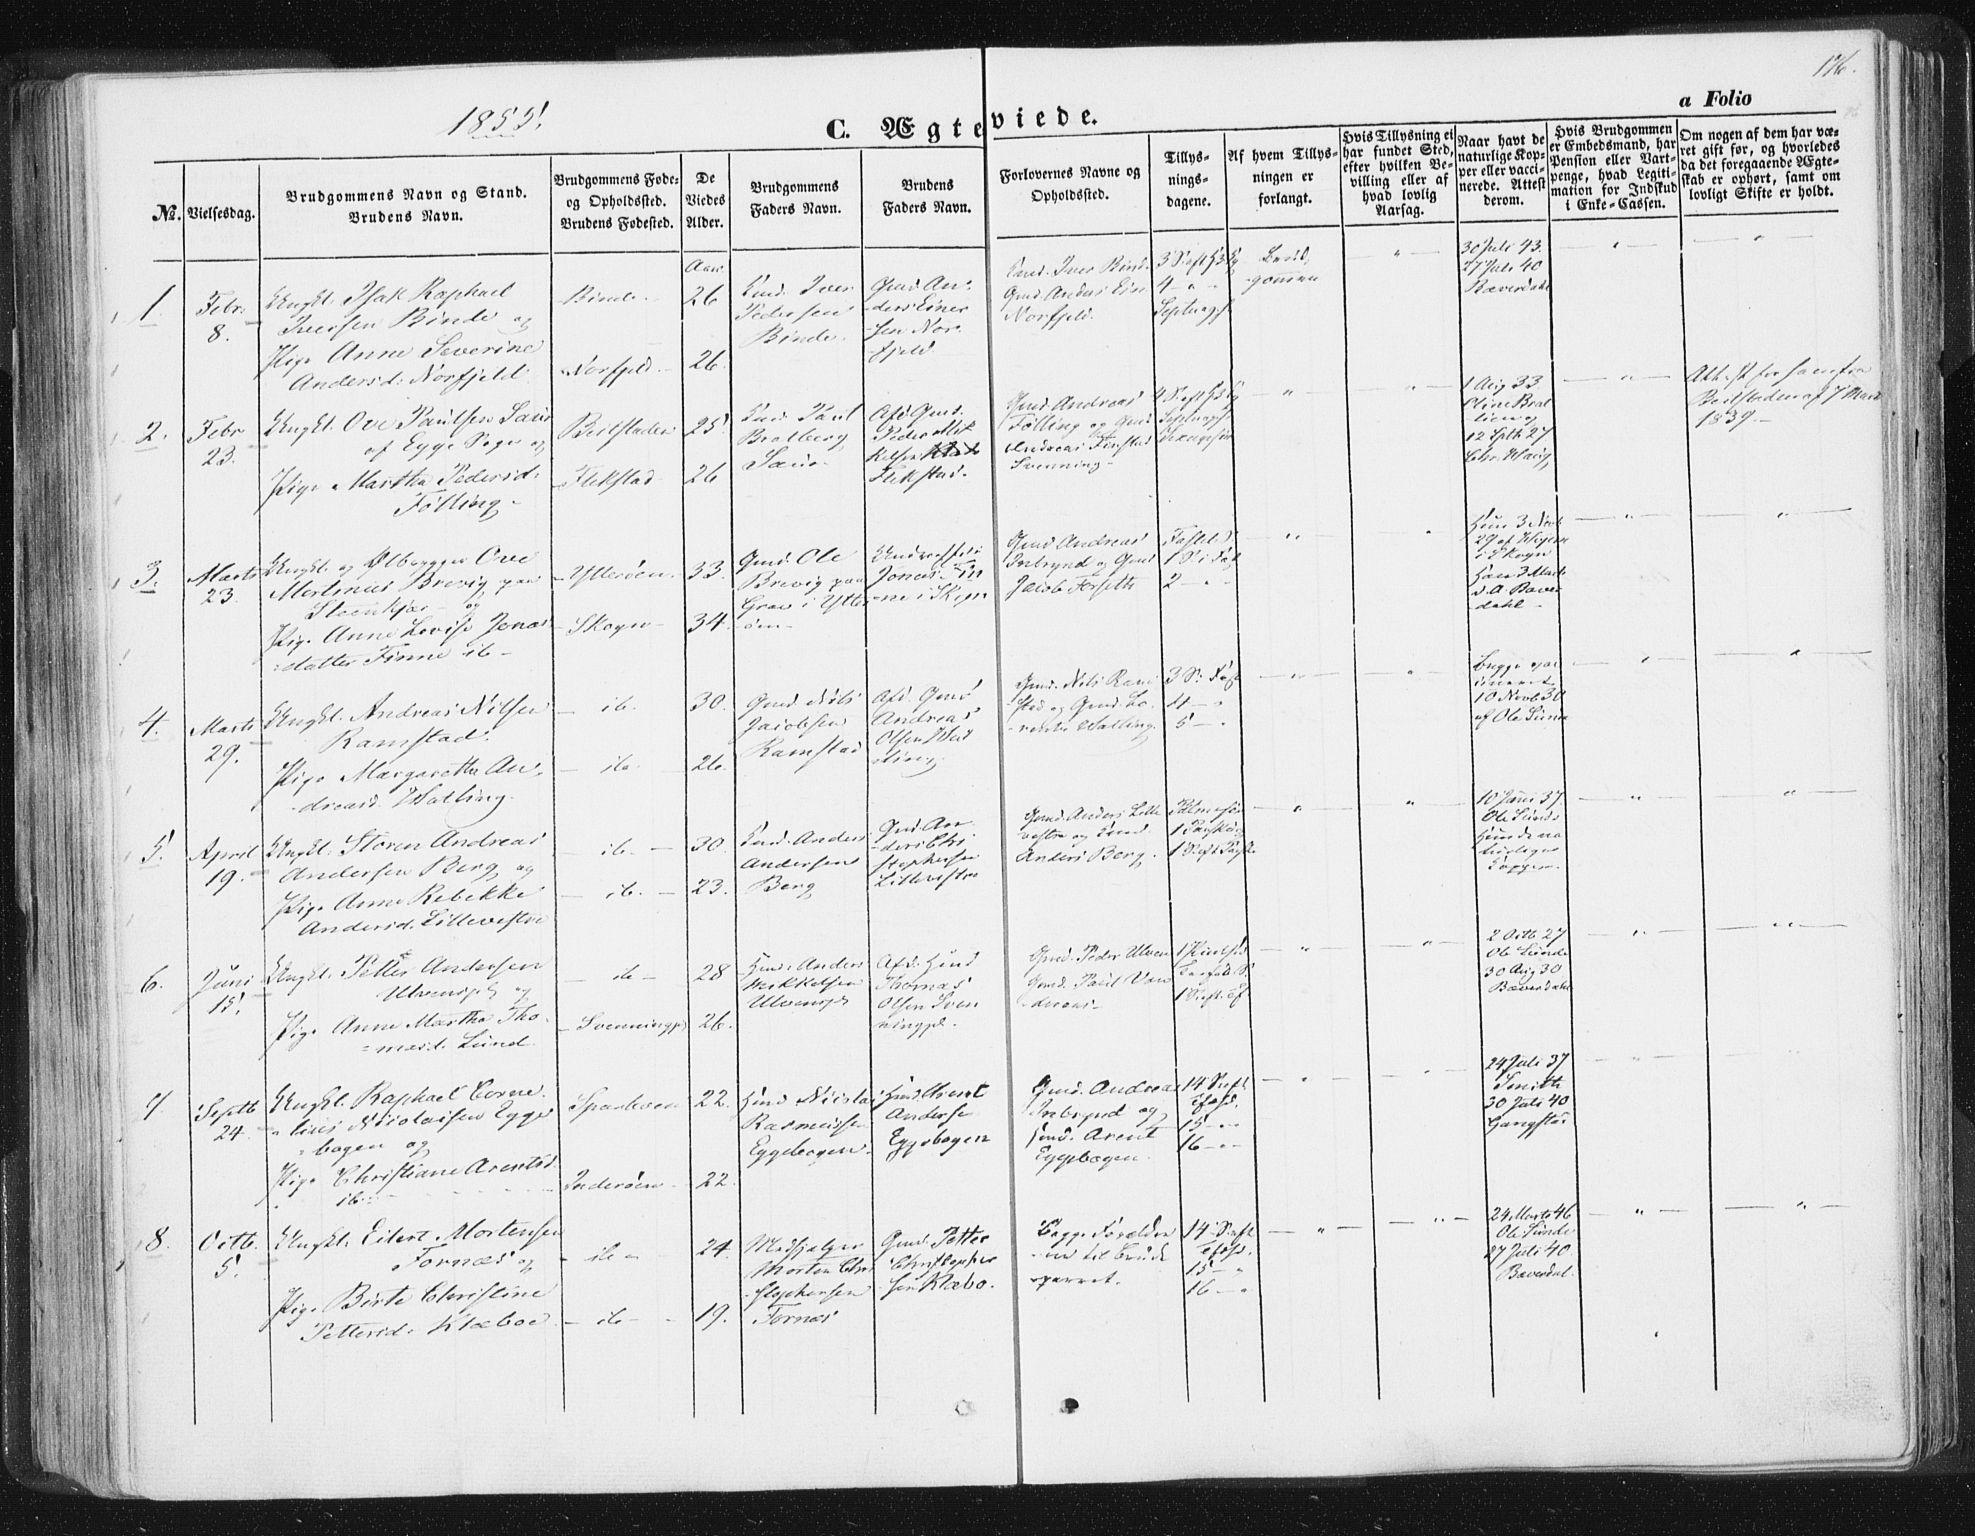 SAT, Ministerialprotokoller, klokkerbøker og fødselsregistre - Nord-Trøndelag, 746/L0446: Ministerialbok nr. 746A05, 1846-1859, s. 176